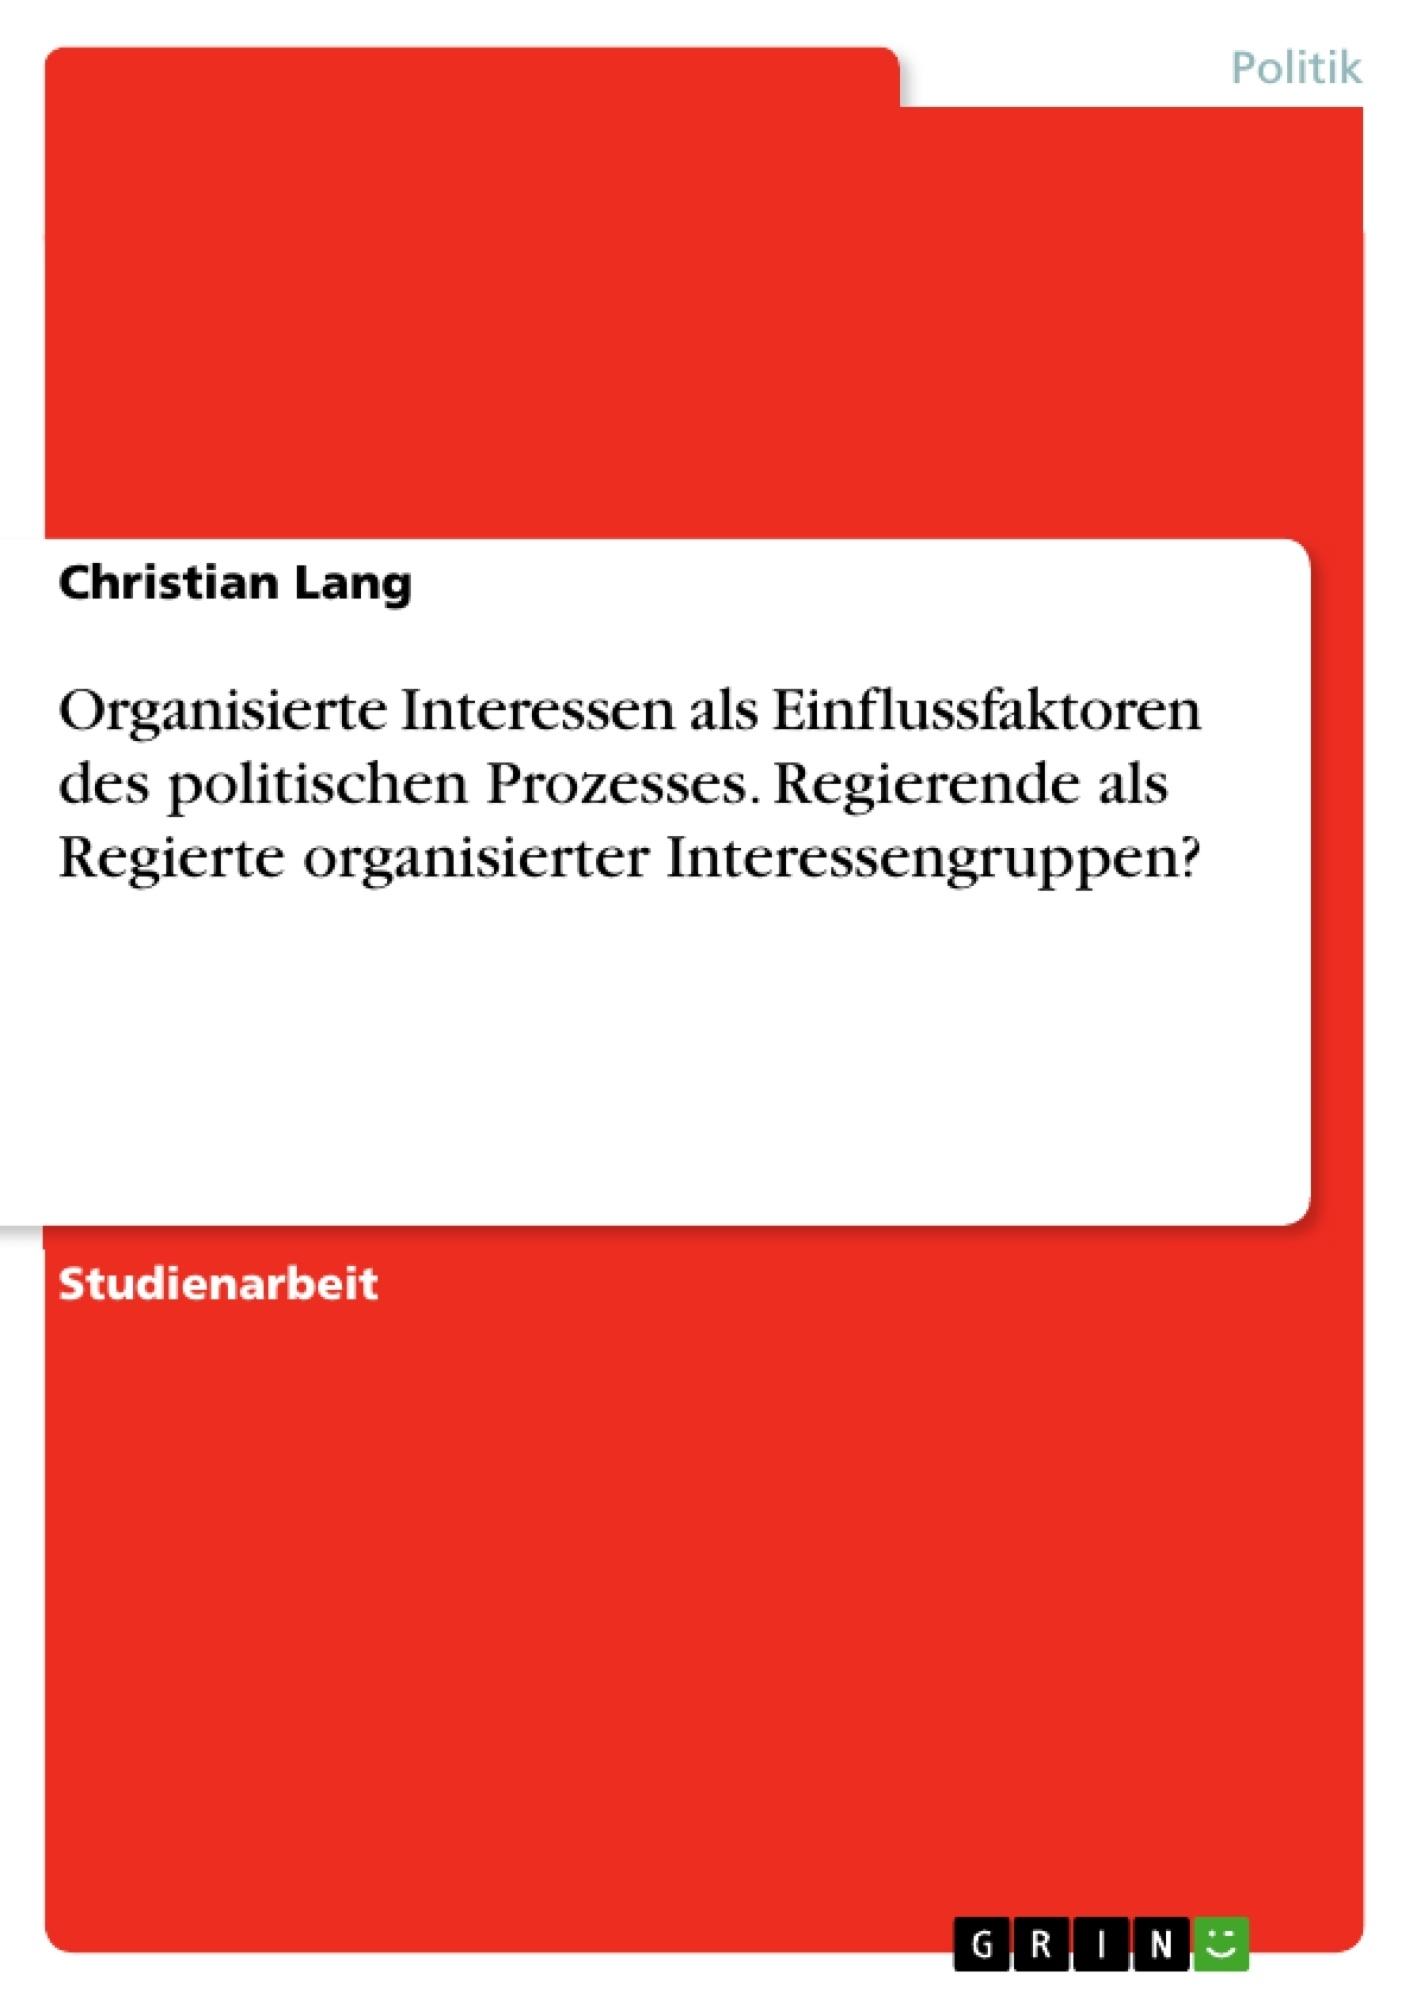 Titel: Organisierte Interessen als Einflussfaktoren des politischen Prozesses. Regierende als Regierte organisierter Interessengruppen?